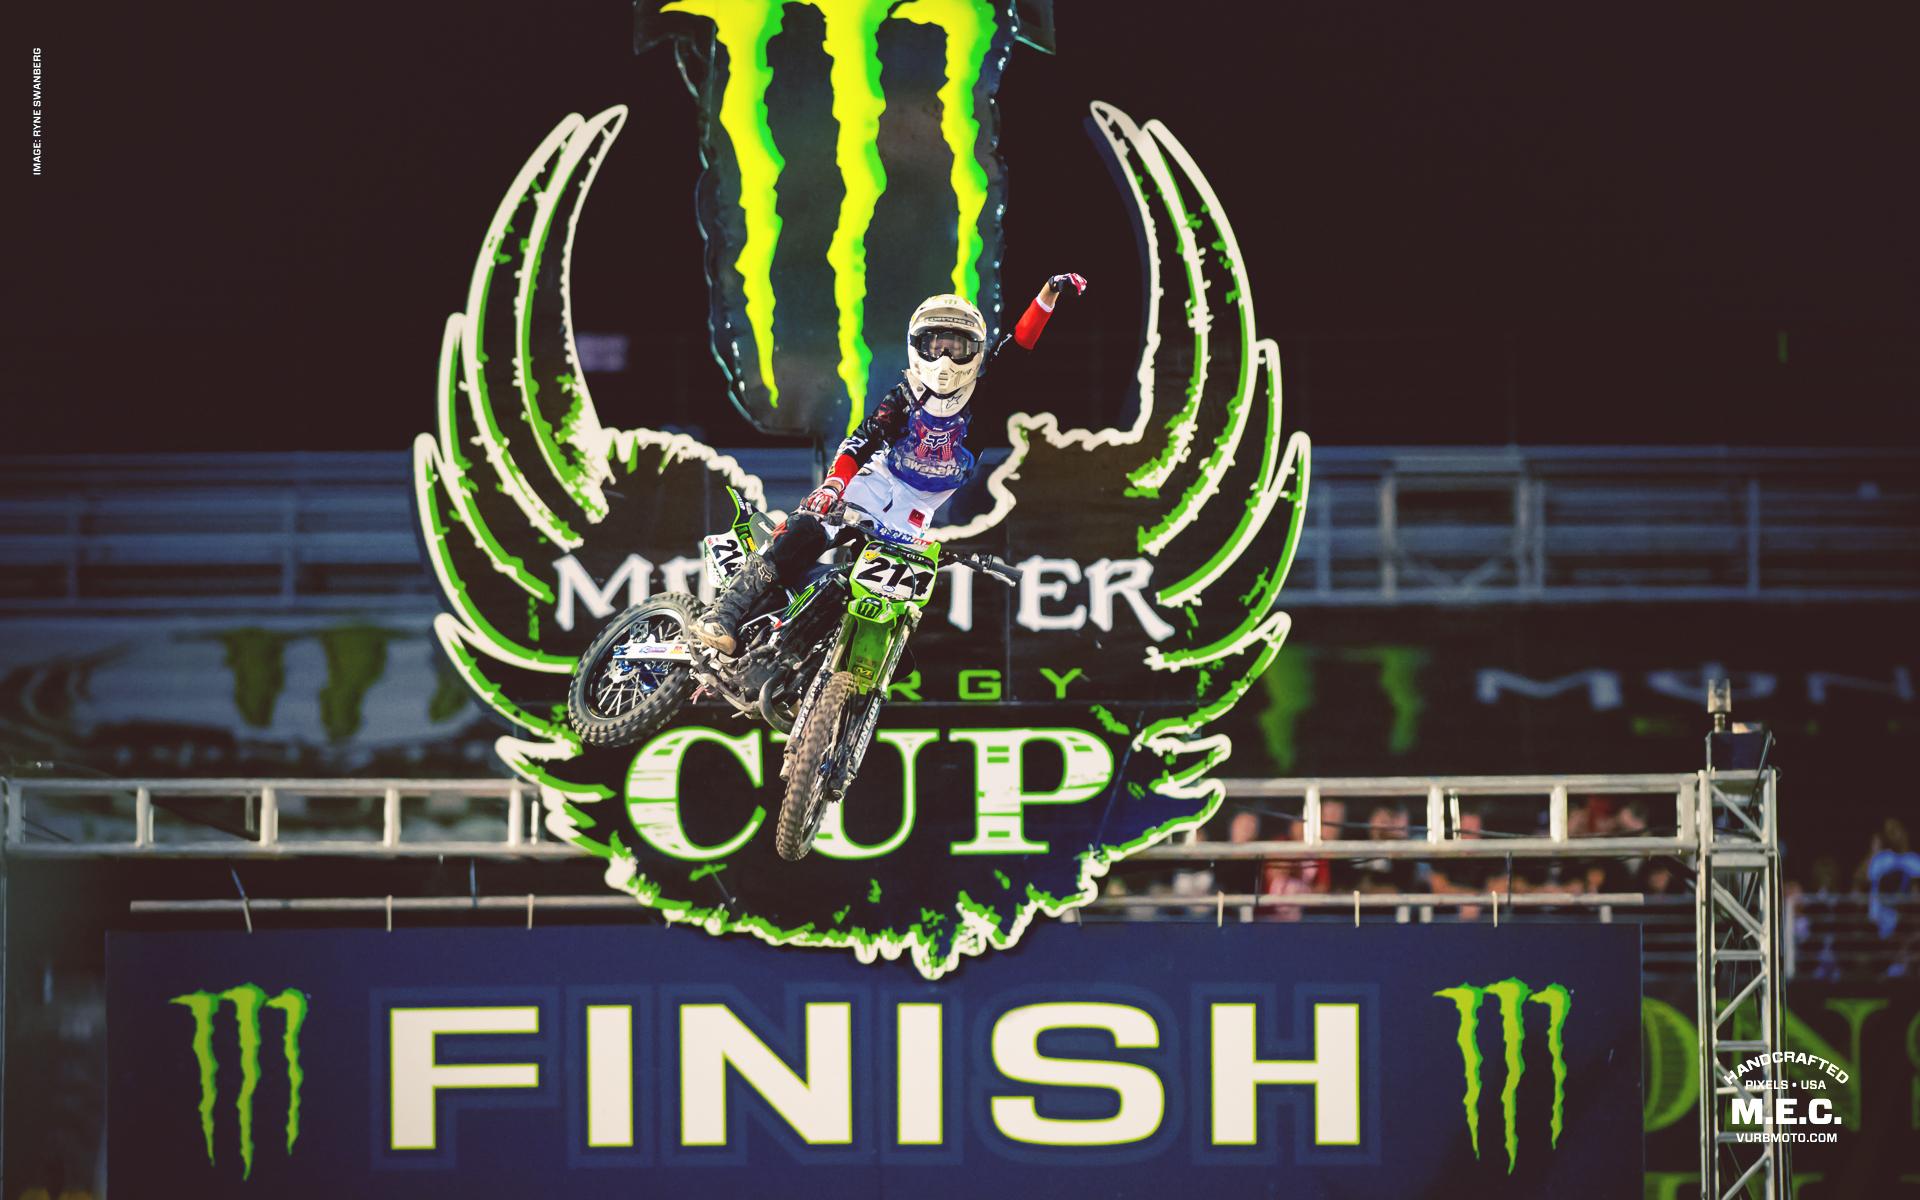 Wallpaper 2012 Monster Energy Cup Vurbmoto 1920x1200